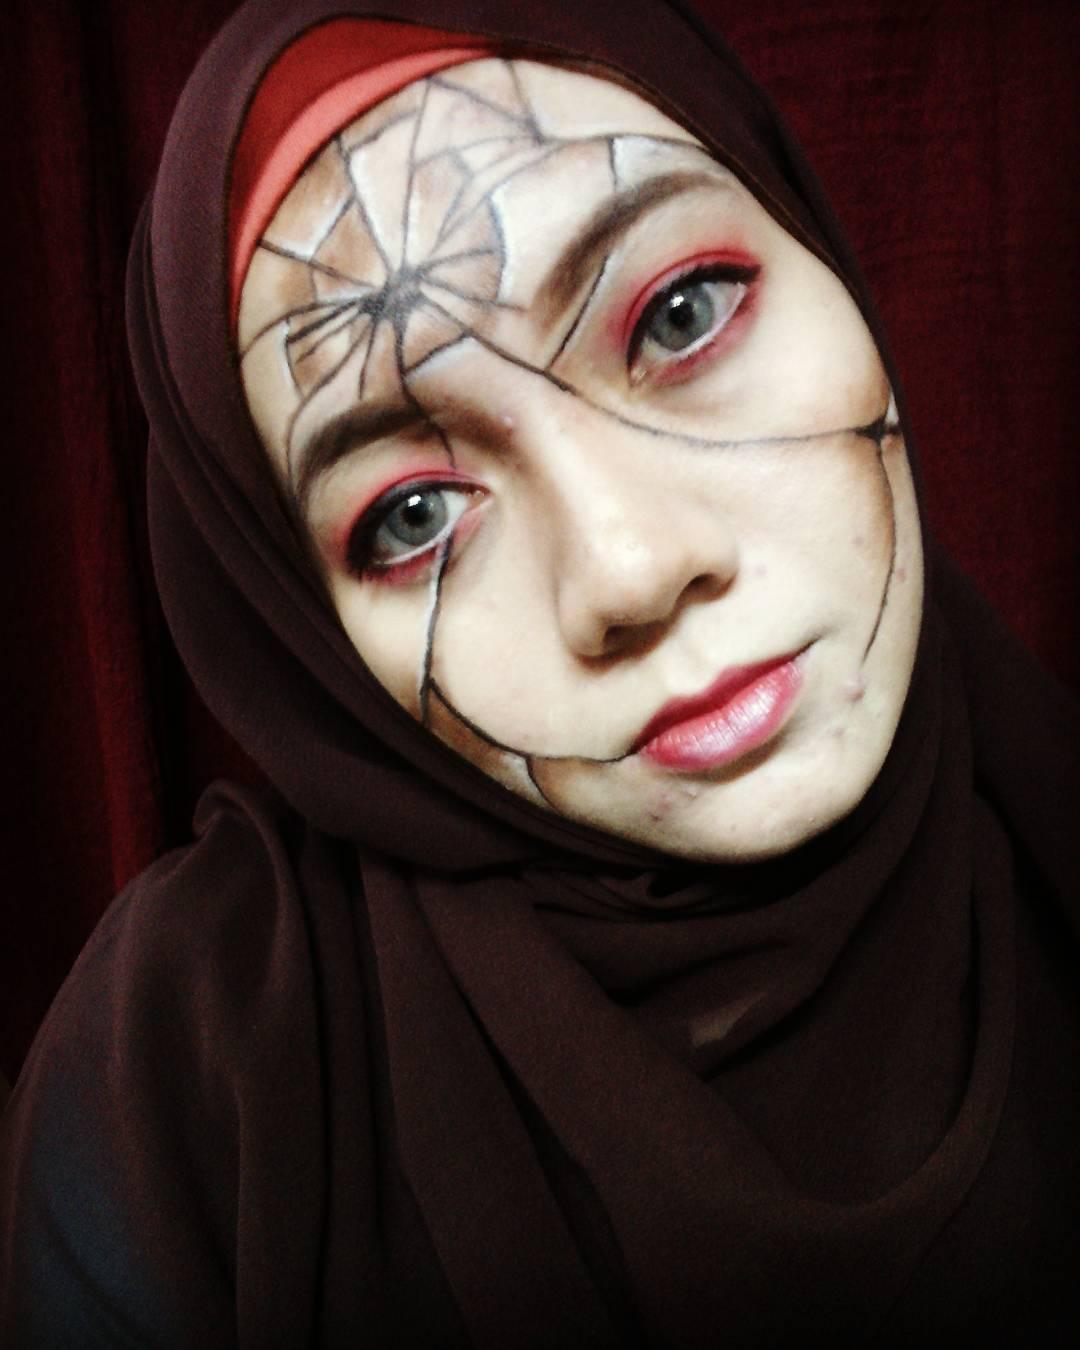 Makeup by engku.nuraini. Source.